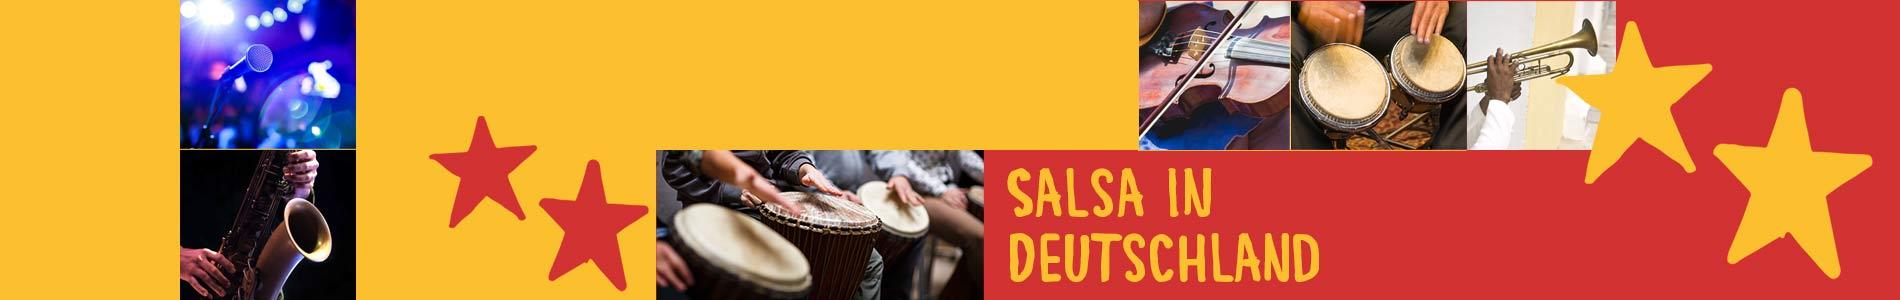 Salsa in Dassendorf – Salsa lernen und tanzen, Tanzkurse, Partys, Veranstaltungen